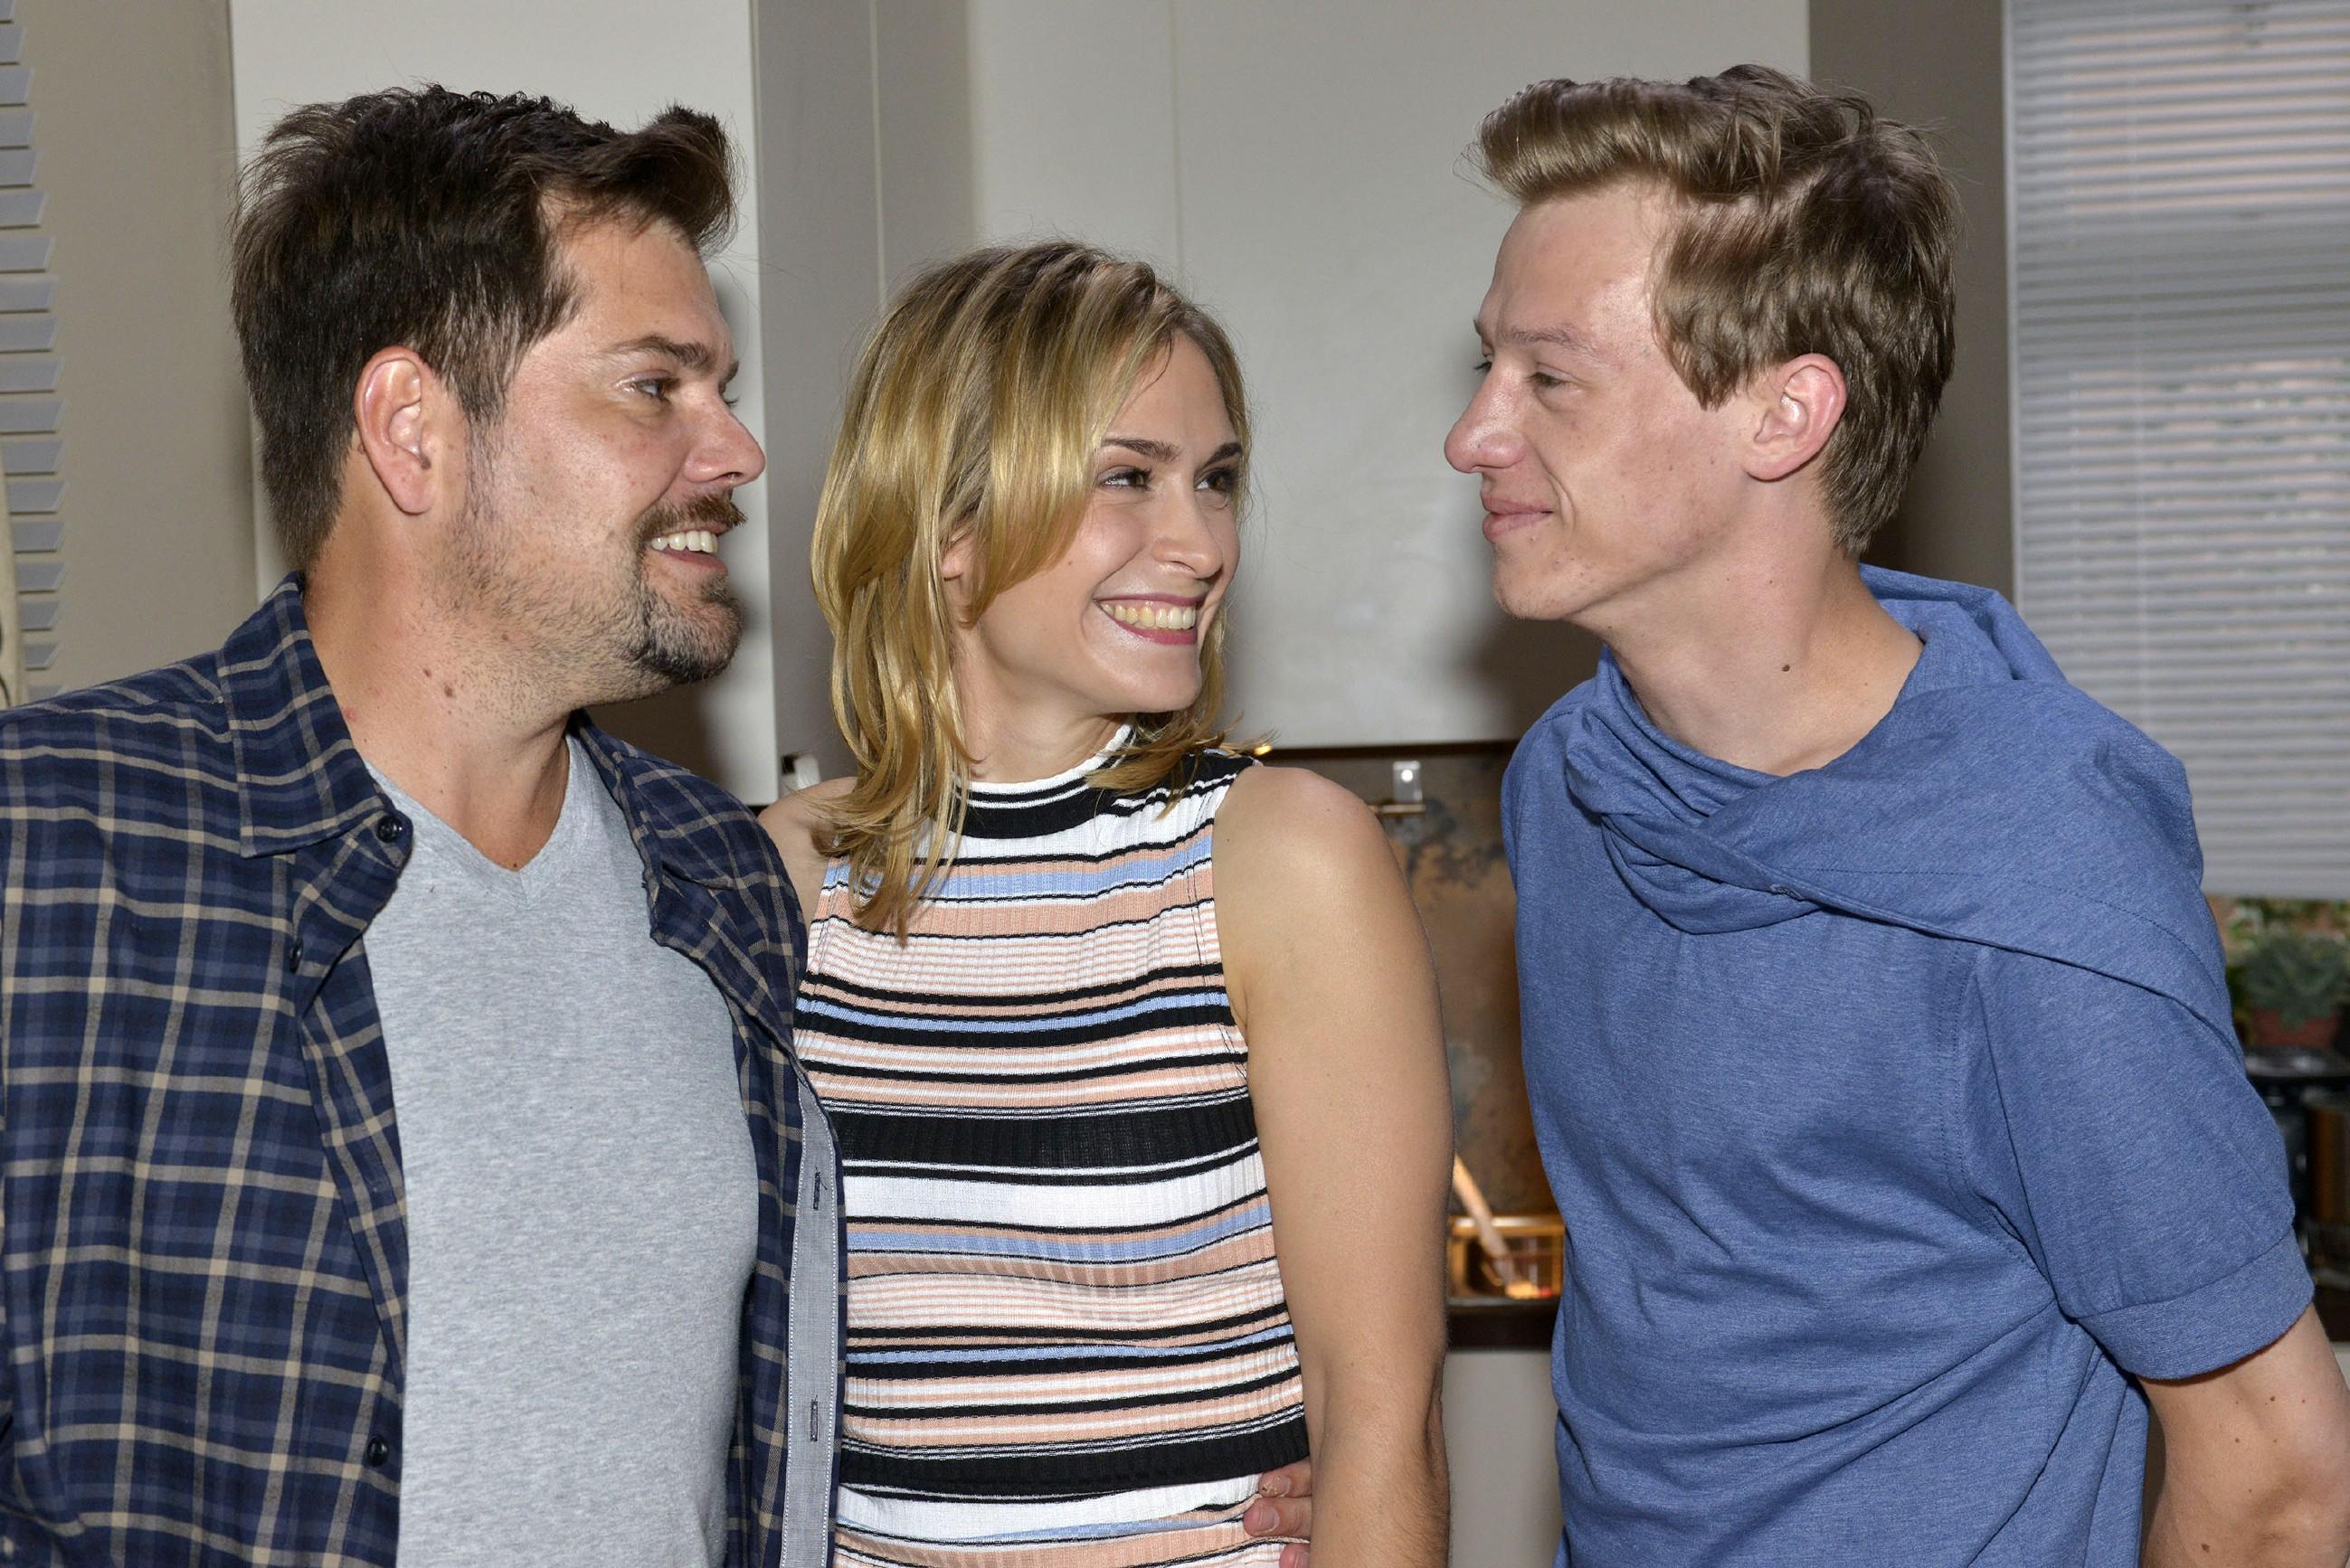 Leon (Daniel Fehlow, l.) und Sophie (Lea Marlen Woitack) freuen sich, dass Vince (Vincent Krüger) gefestigt aus seiner Therapie zurückkehrt. (Quelle: RTL / Rolf Baumgartner)